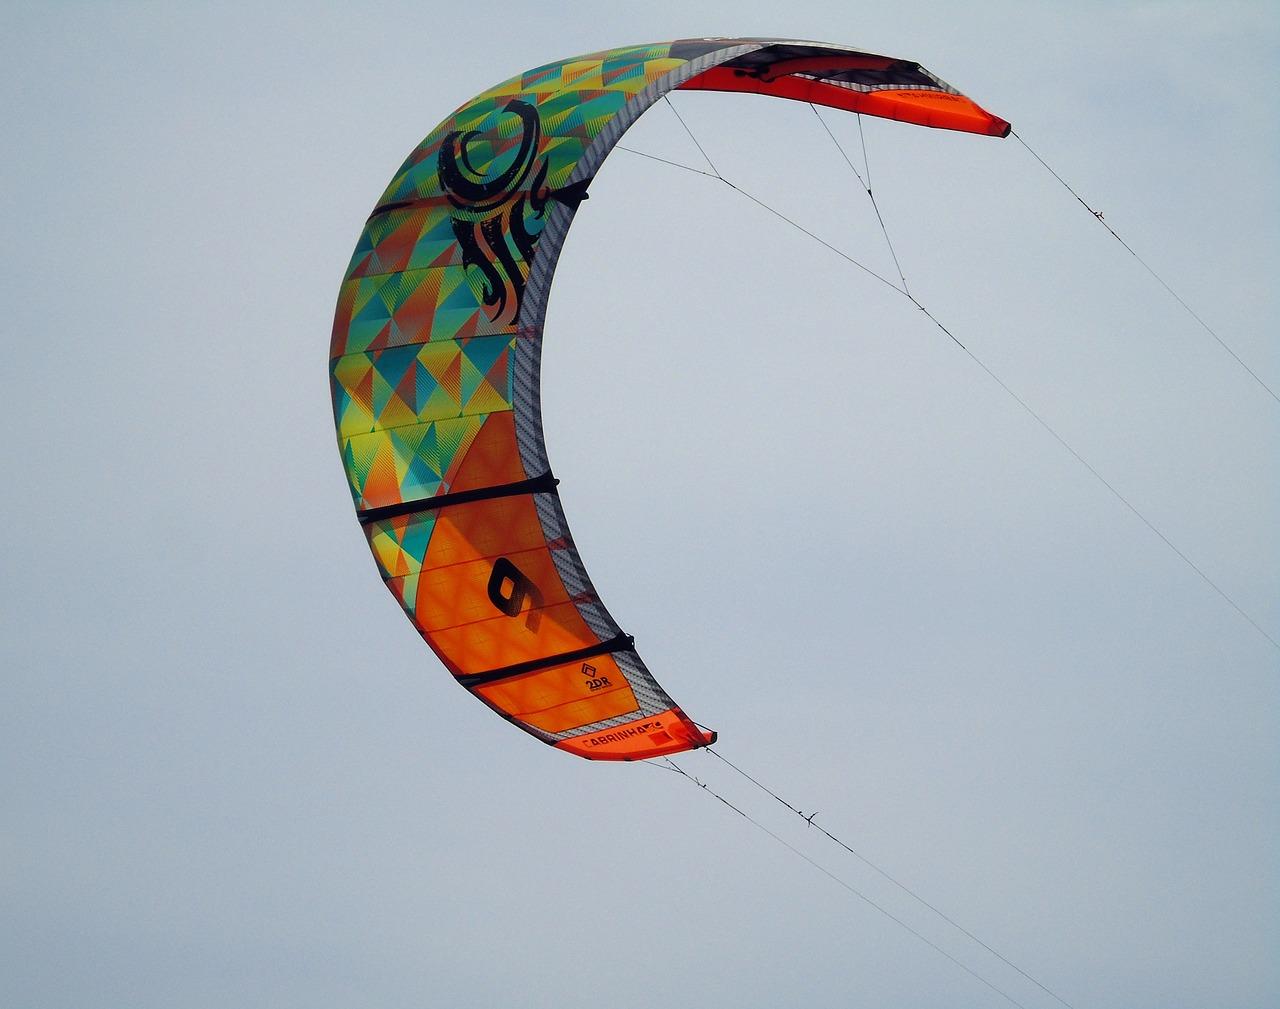 Suche defekte Kites/Windsurfsegel für Recycling Projekte